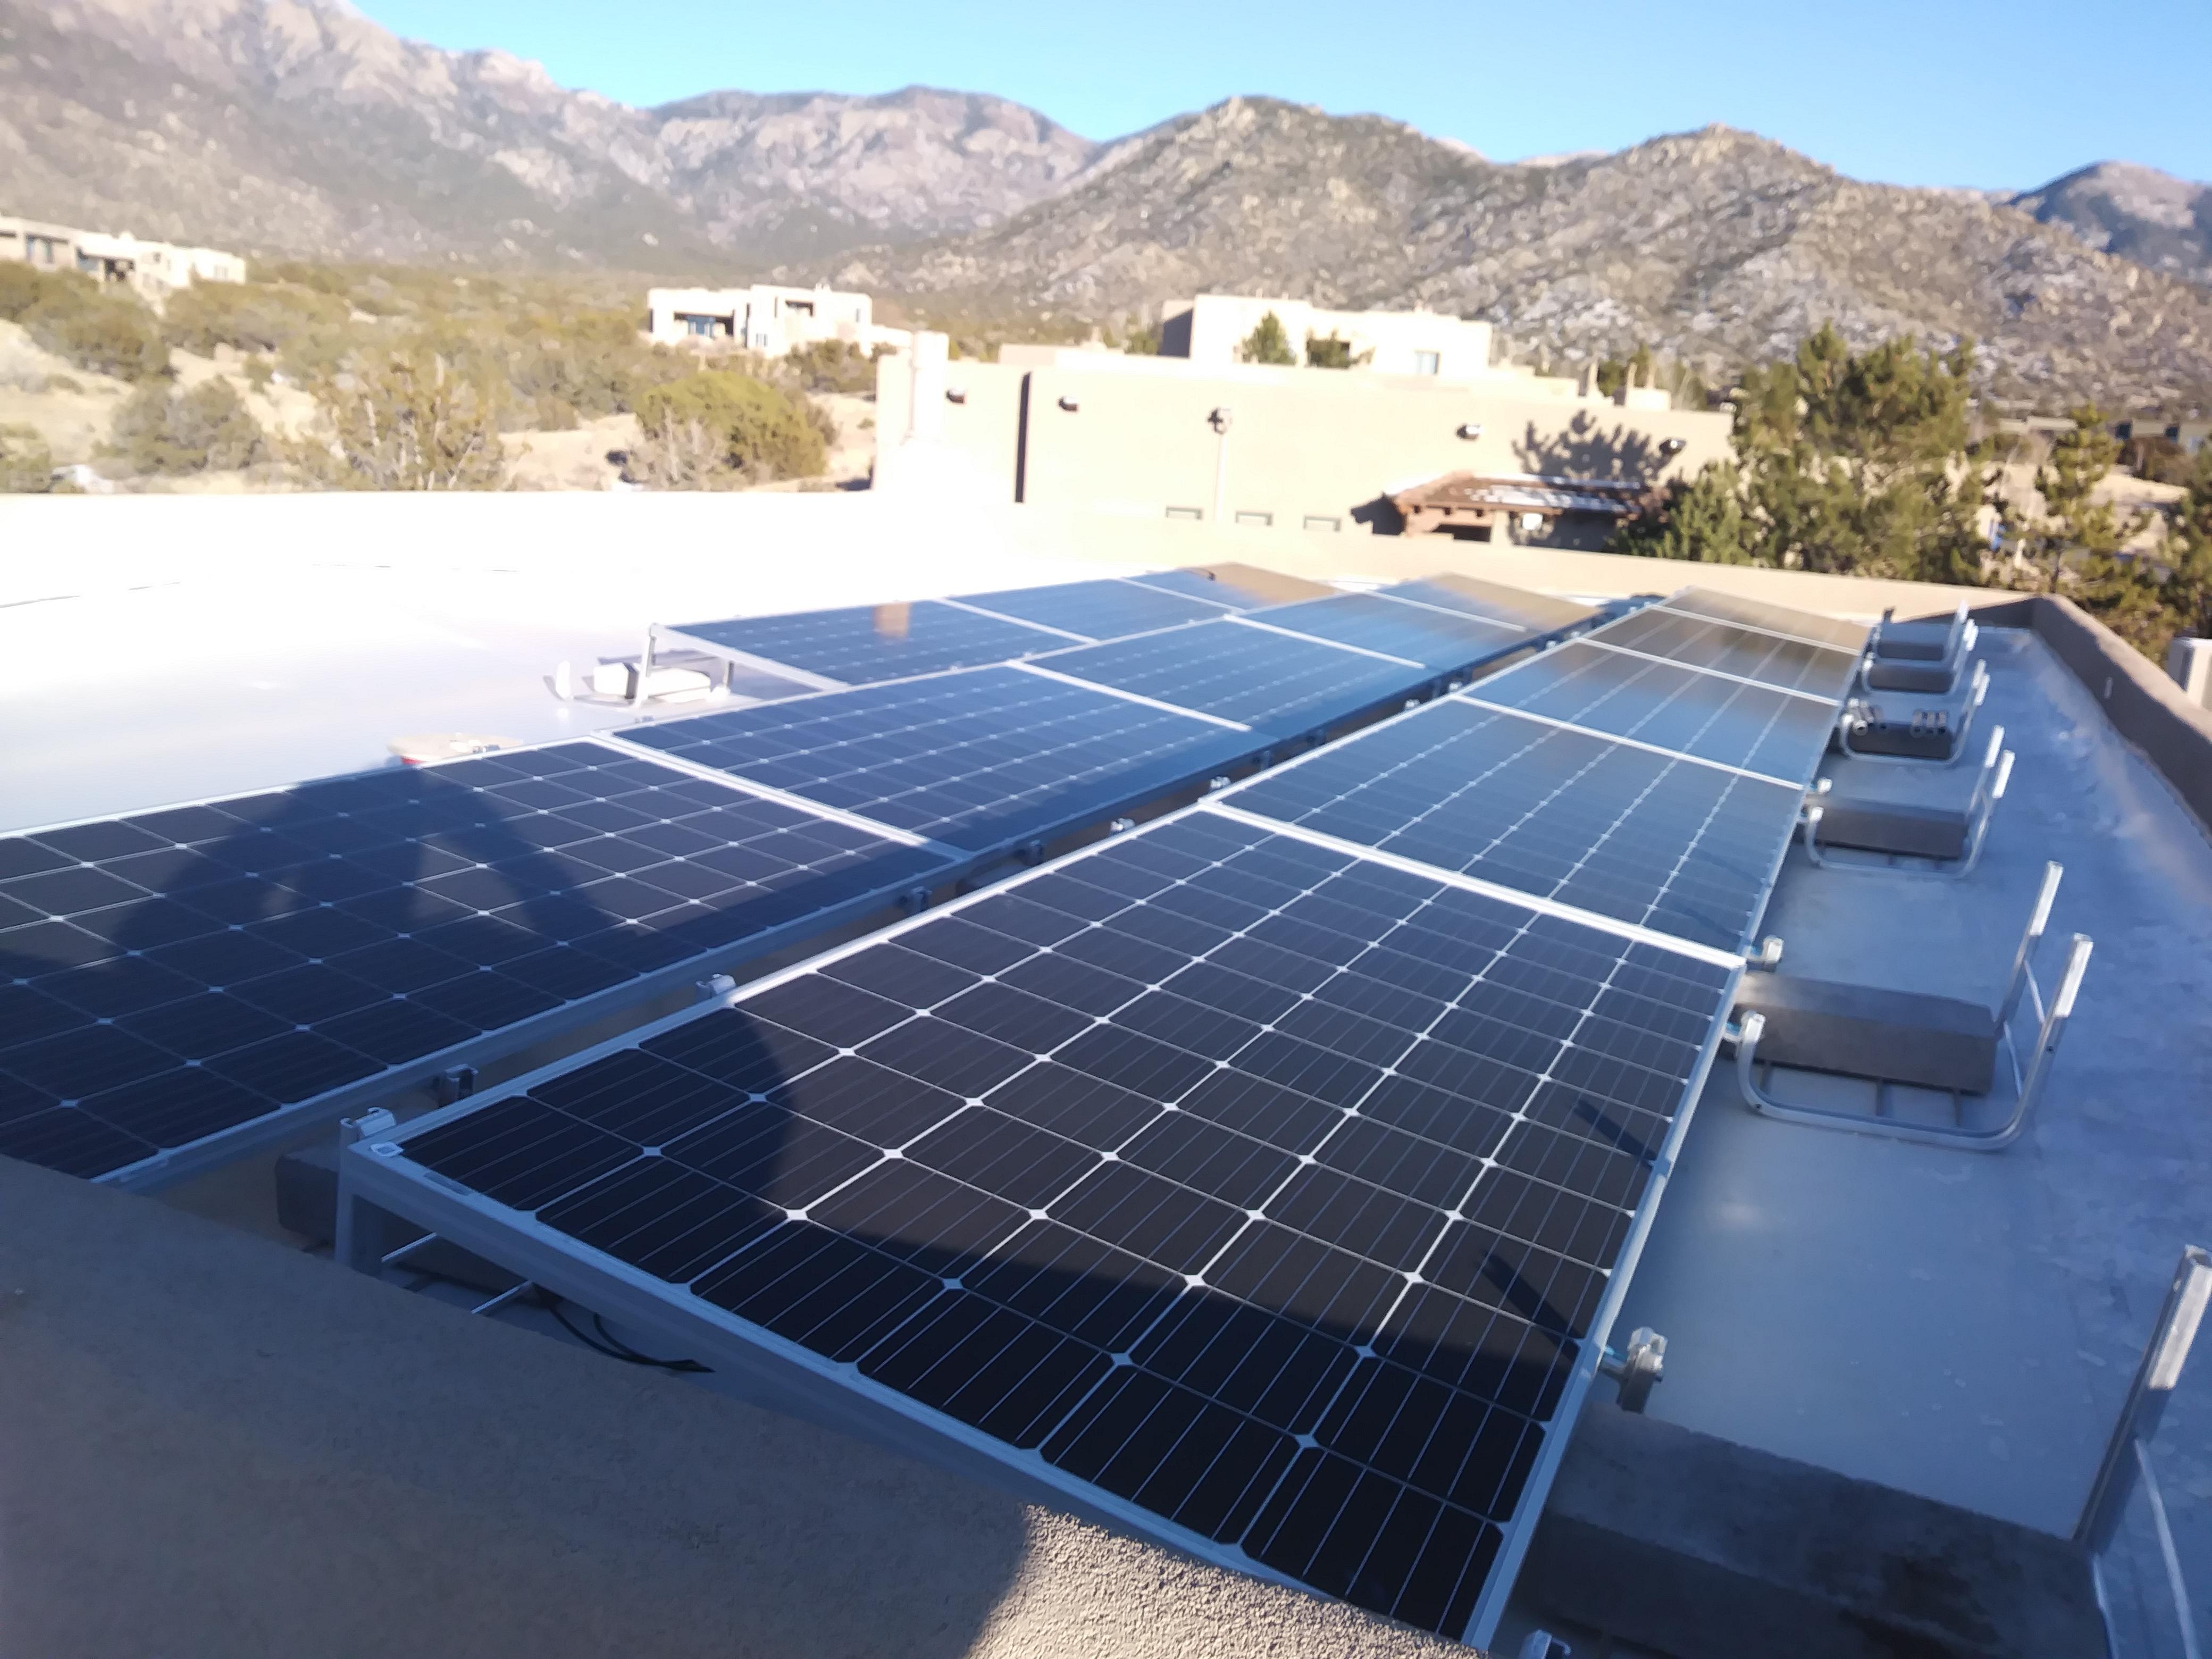 Albuquerque Solar Panel Installation Electricity Savings